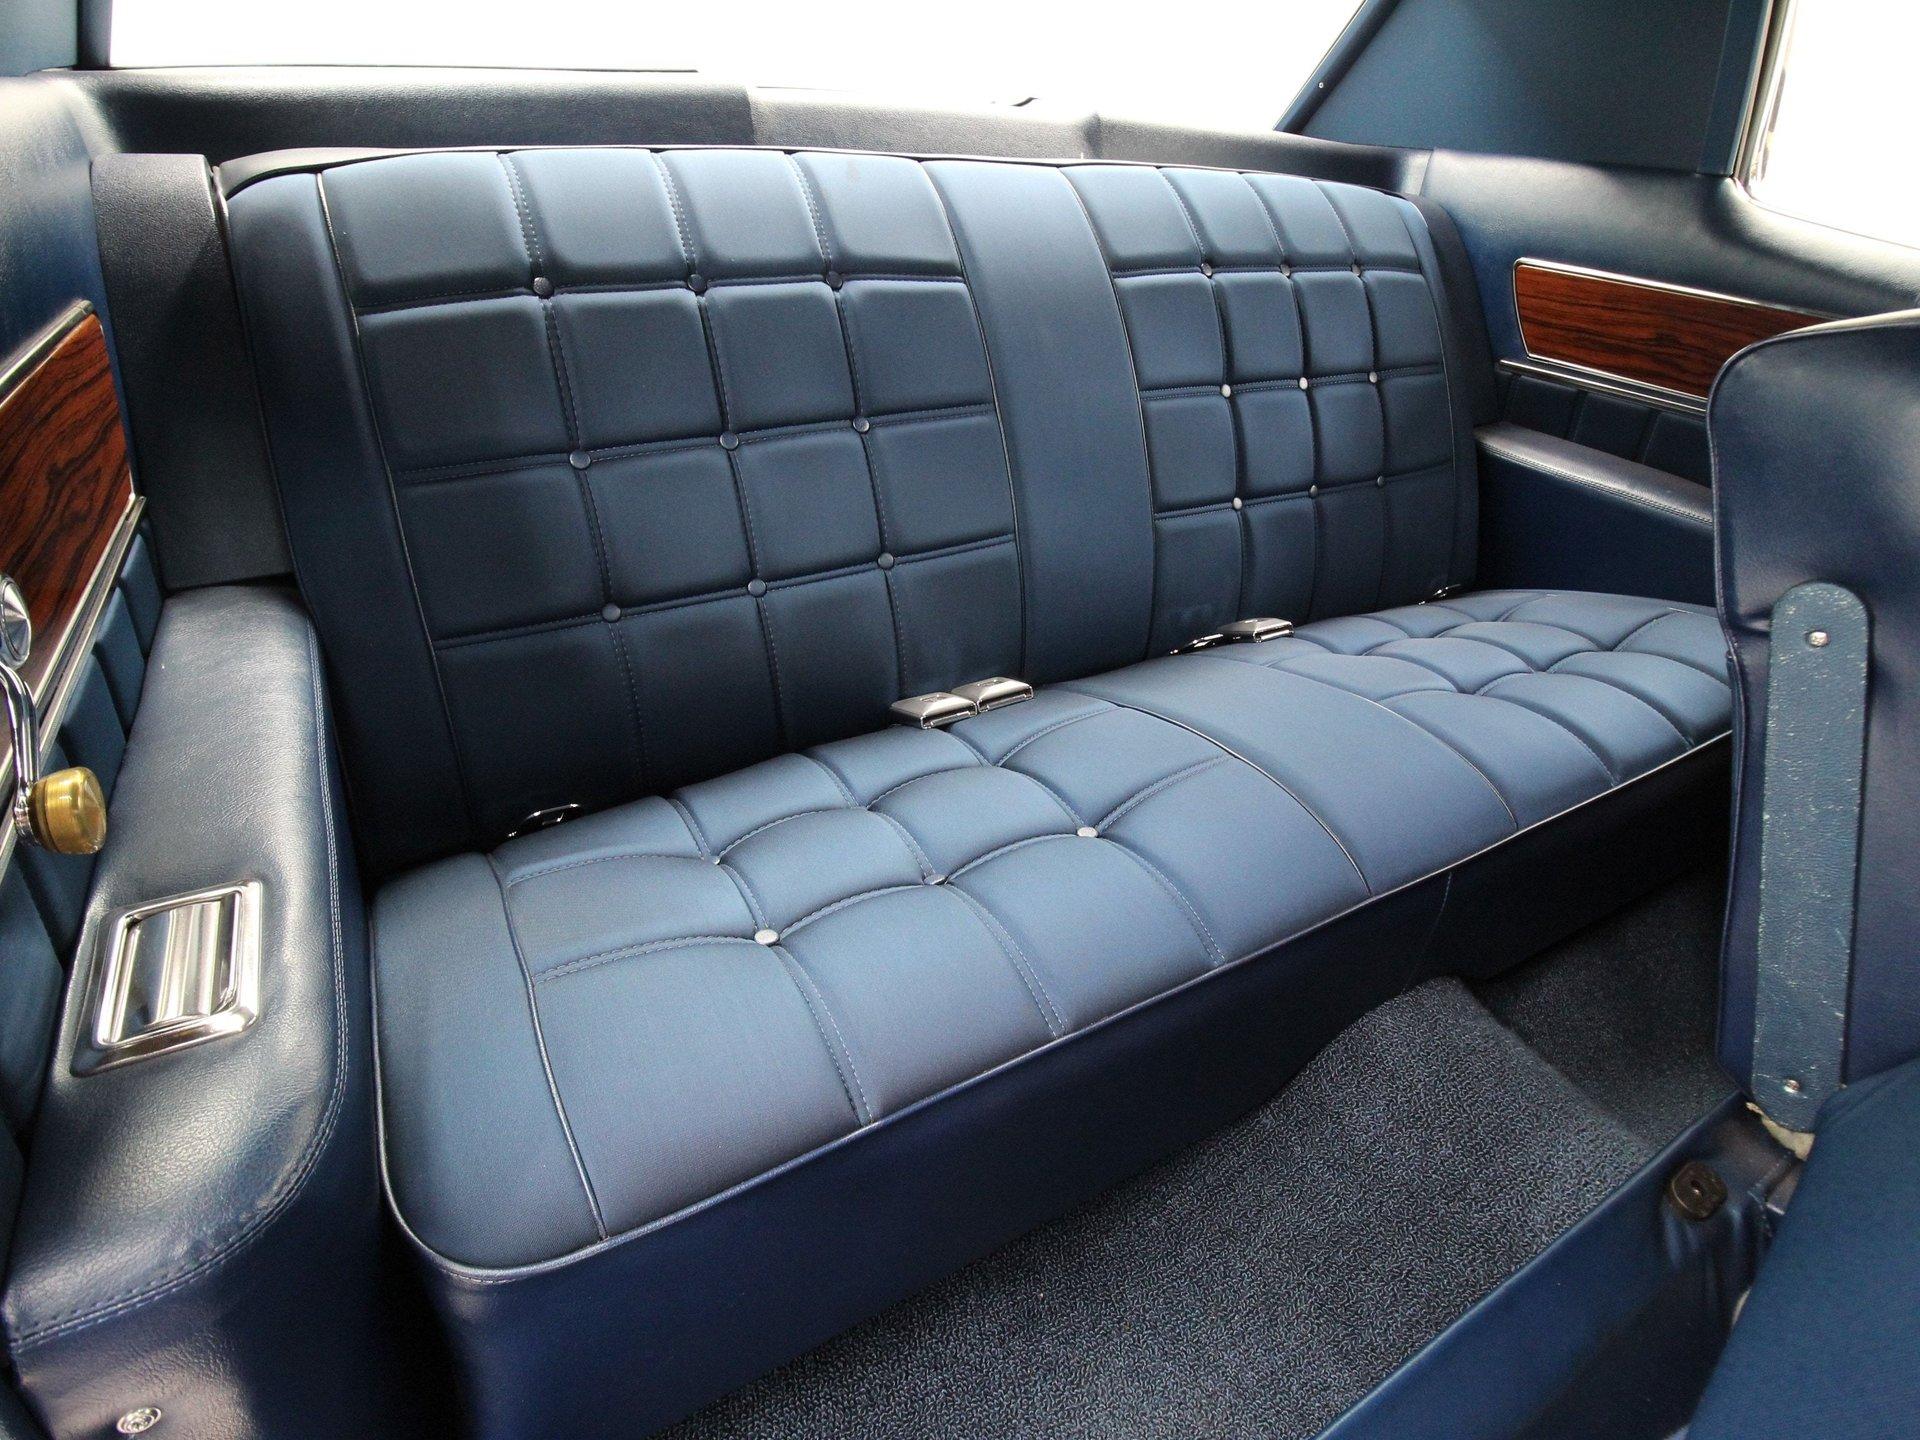 1970 Chevrolet Caprice